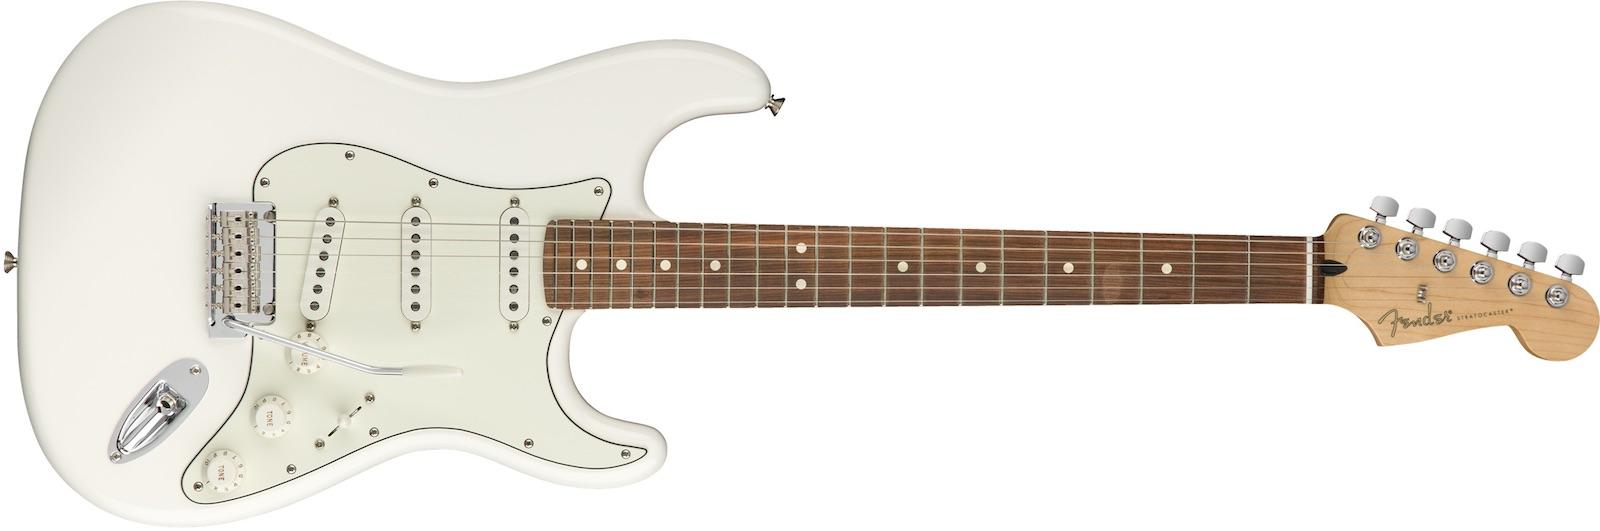 【新品】Fender Player Stratocaster Pau Ferro Fingerboard ~Polar White~【お取り寄せ】【送料無料】【池袋店】